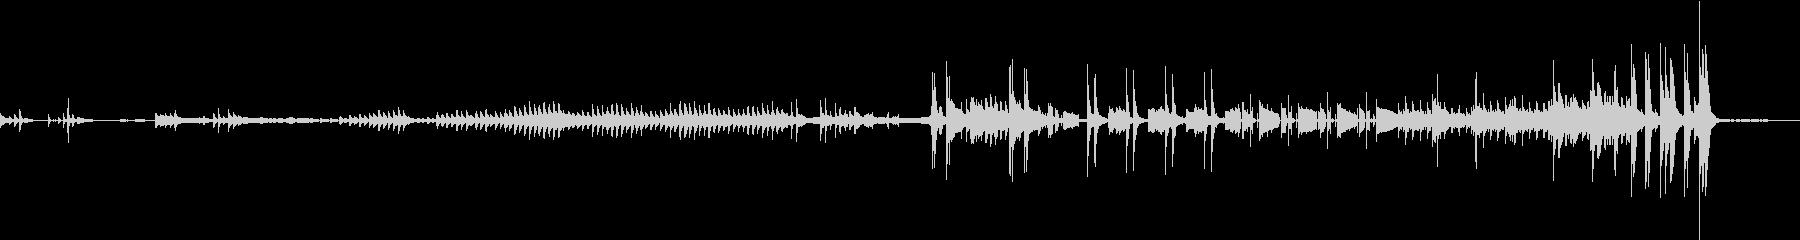 逆再生ギターとグロッケンが響く不気味曲の未再生の波形